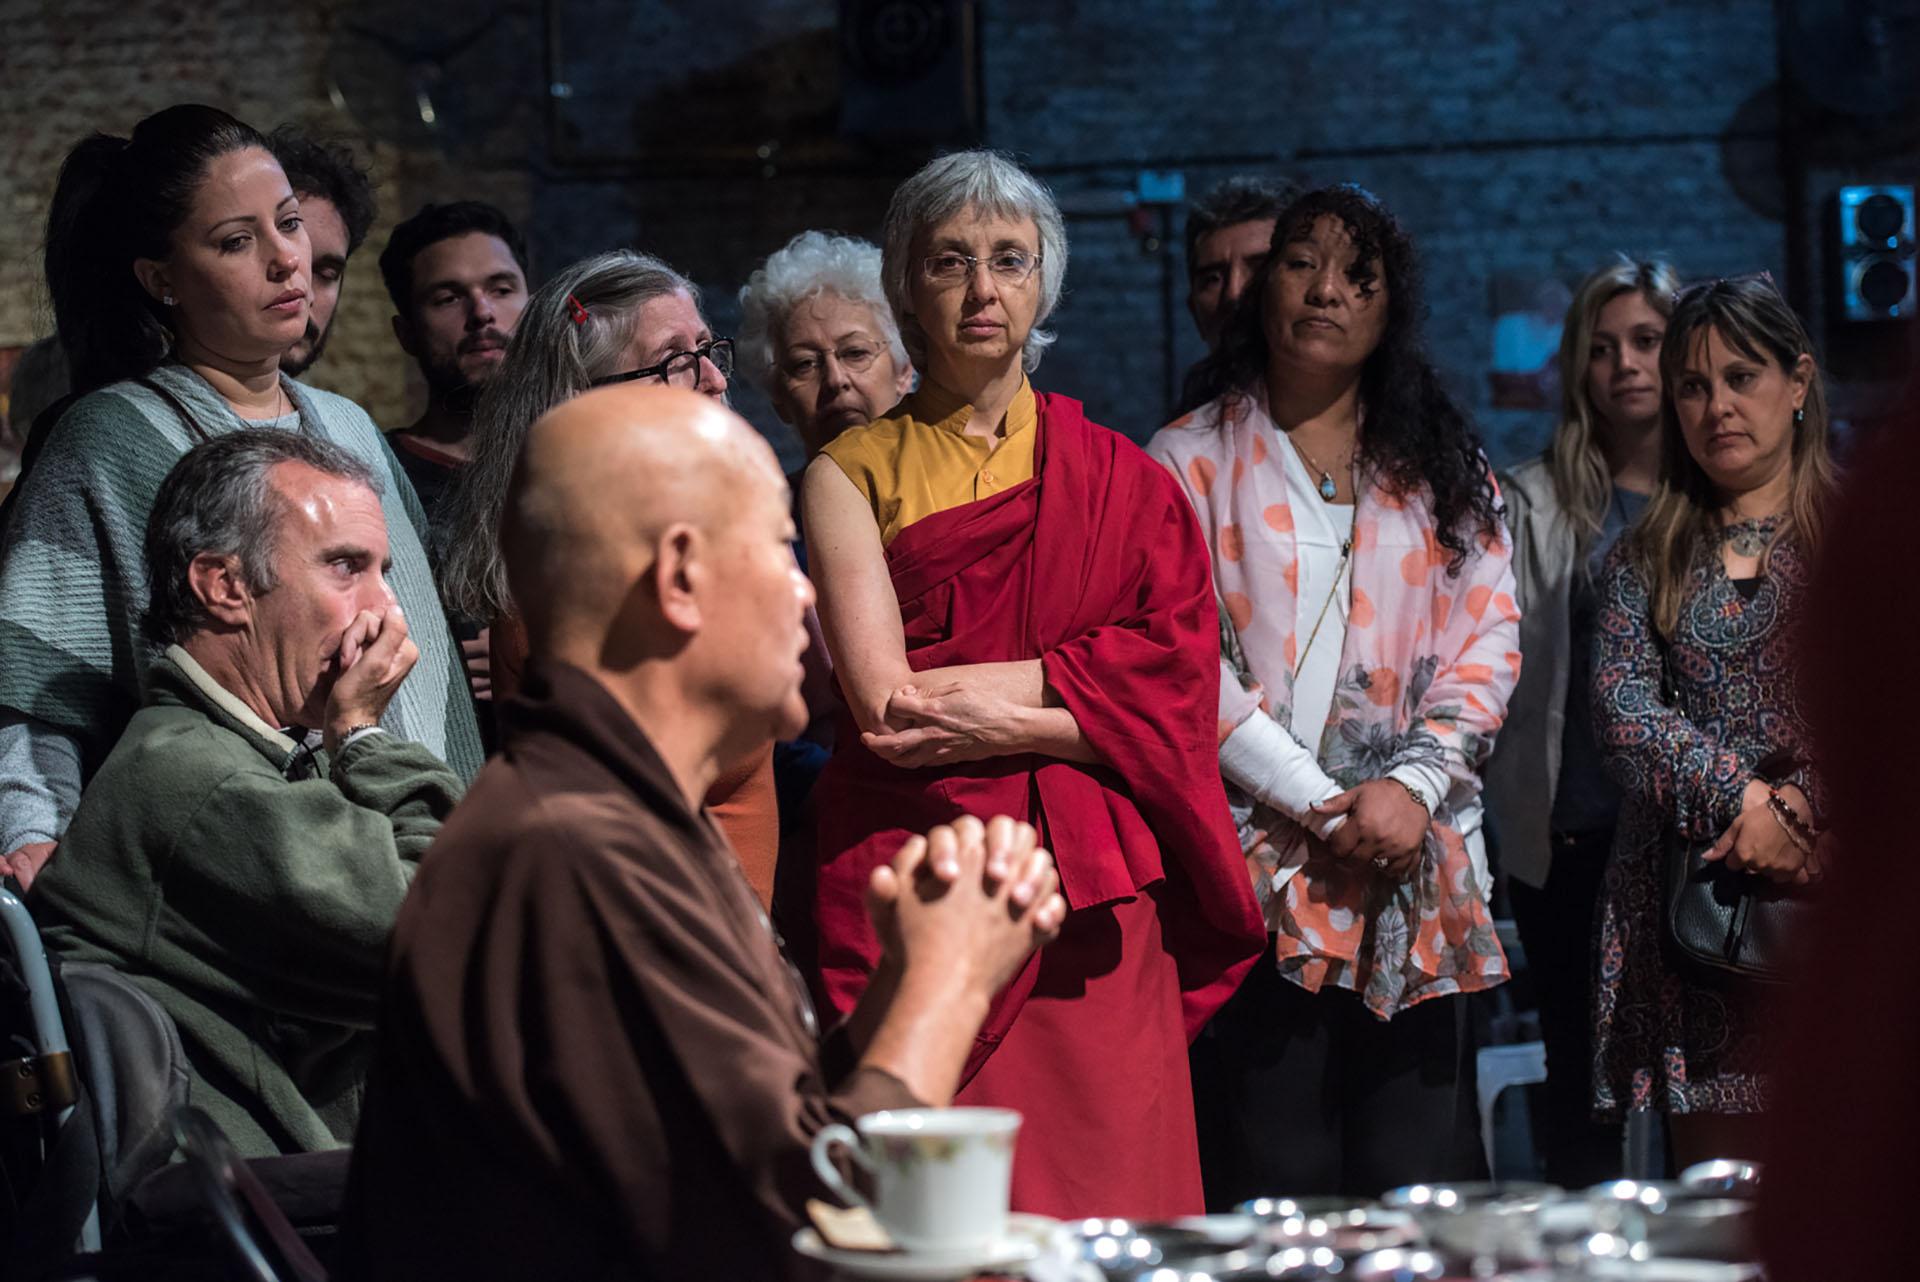 El budismo tibetano tiene unos 20 millones de seguidores y es una de las ramas más grandes e importantes del budismo con mayoría en Bután, Mongolia, Ladakh (India) y Tíbet